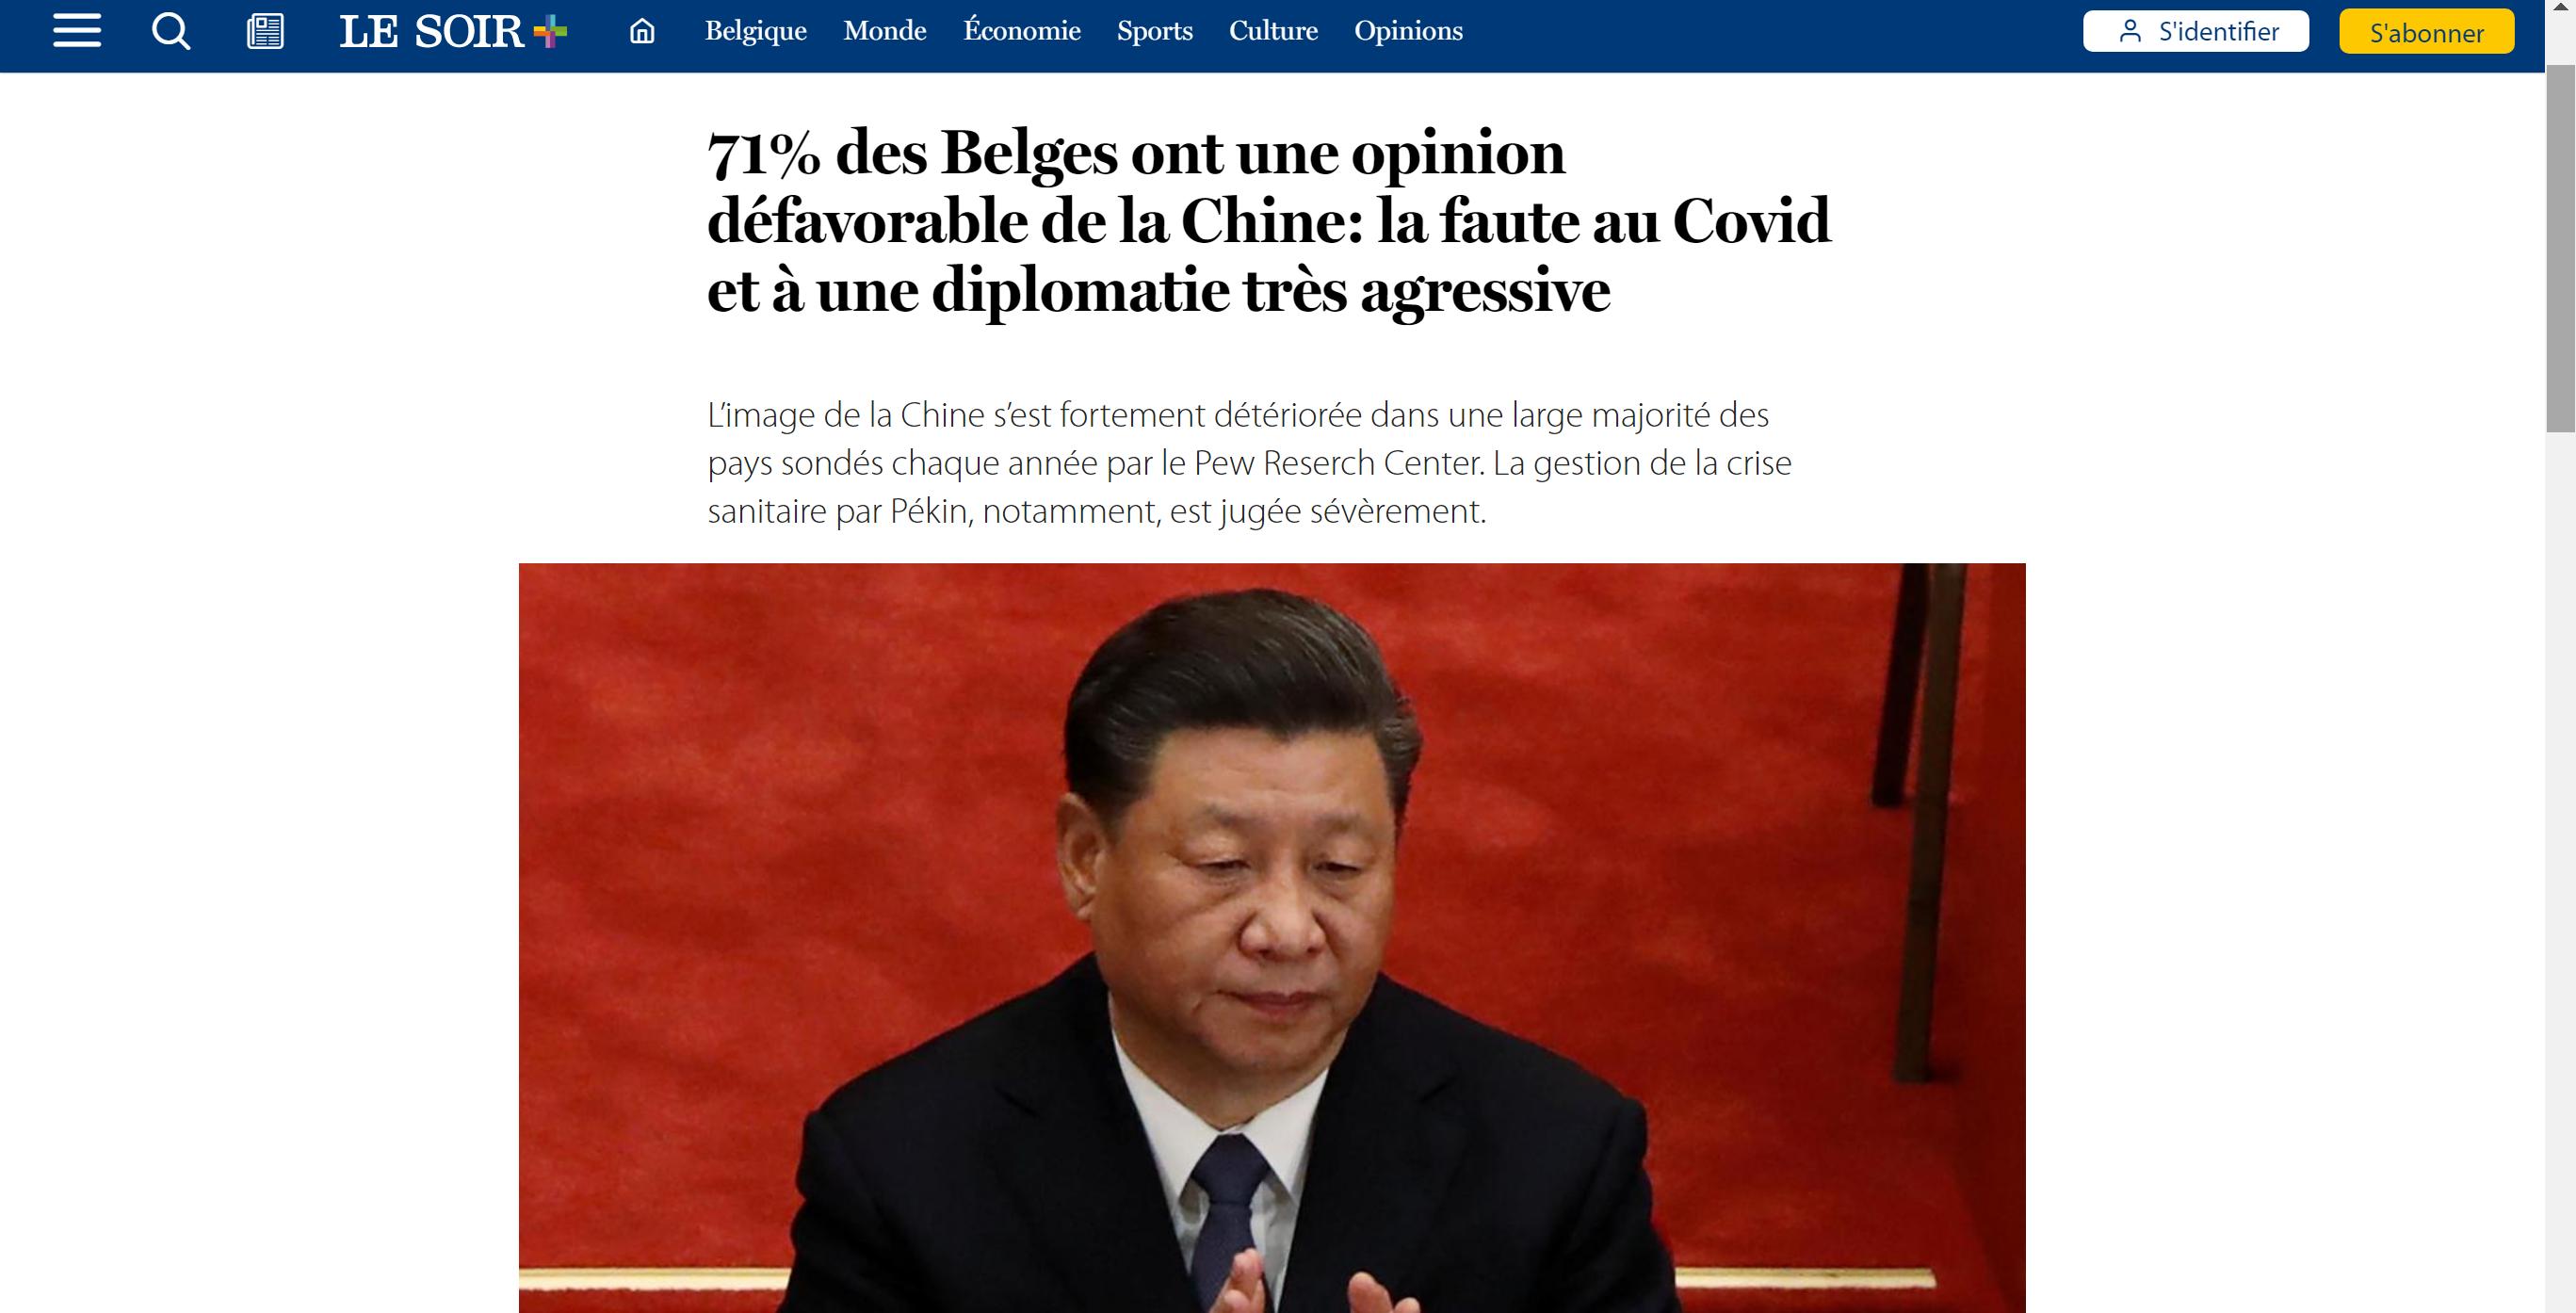 [résolu]Actualités politiques internationales: Pourquoi détestons-nous la Chine ? 2020-10-11